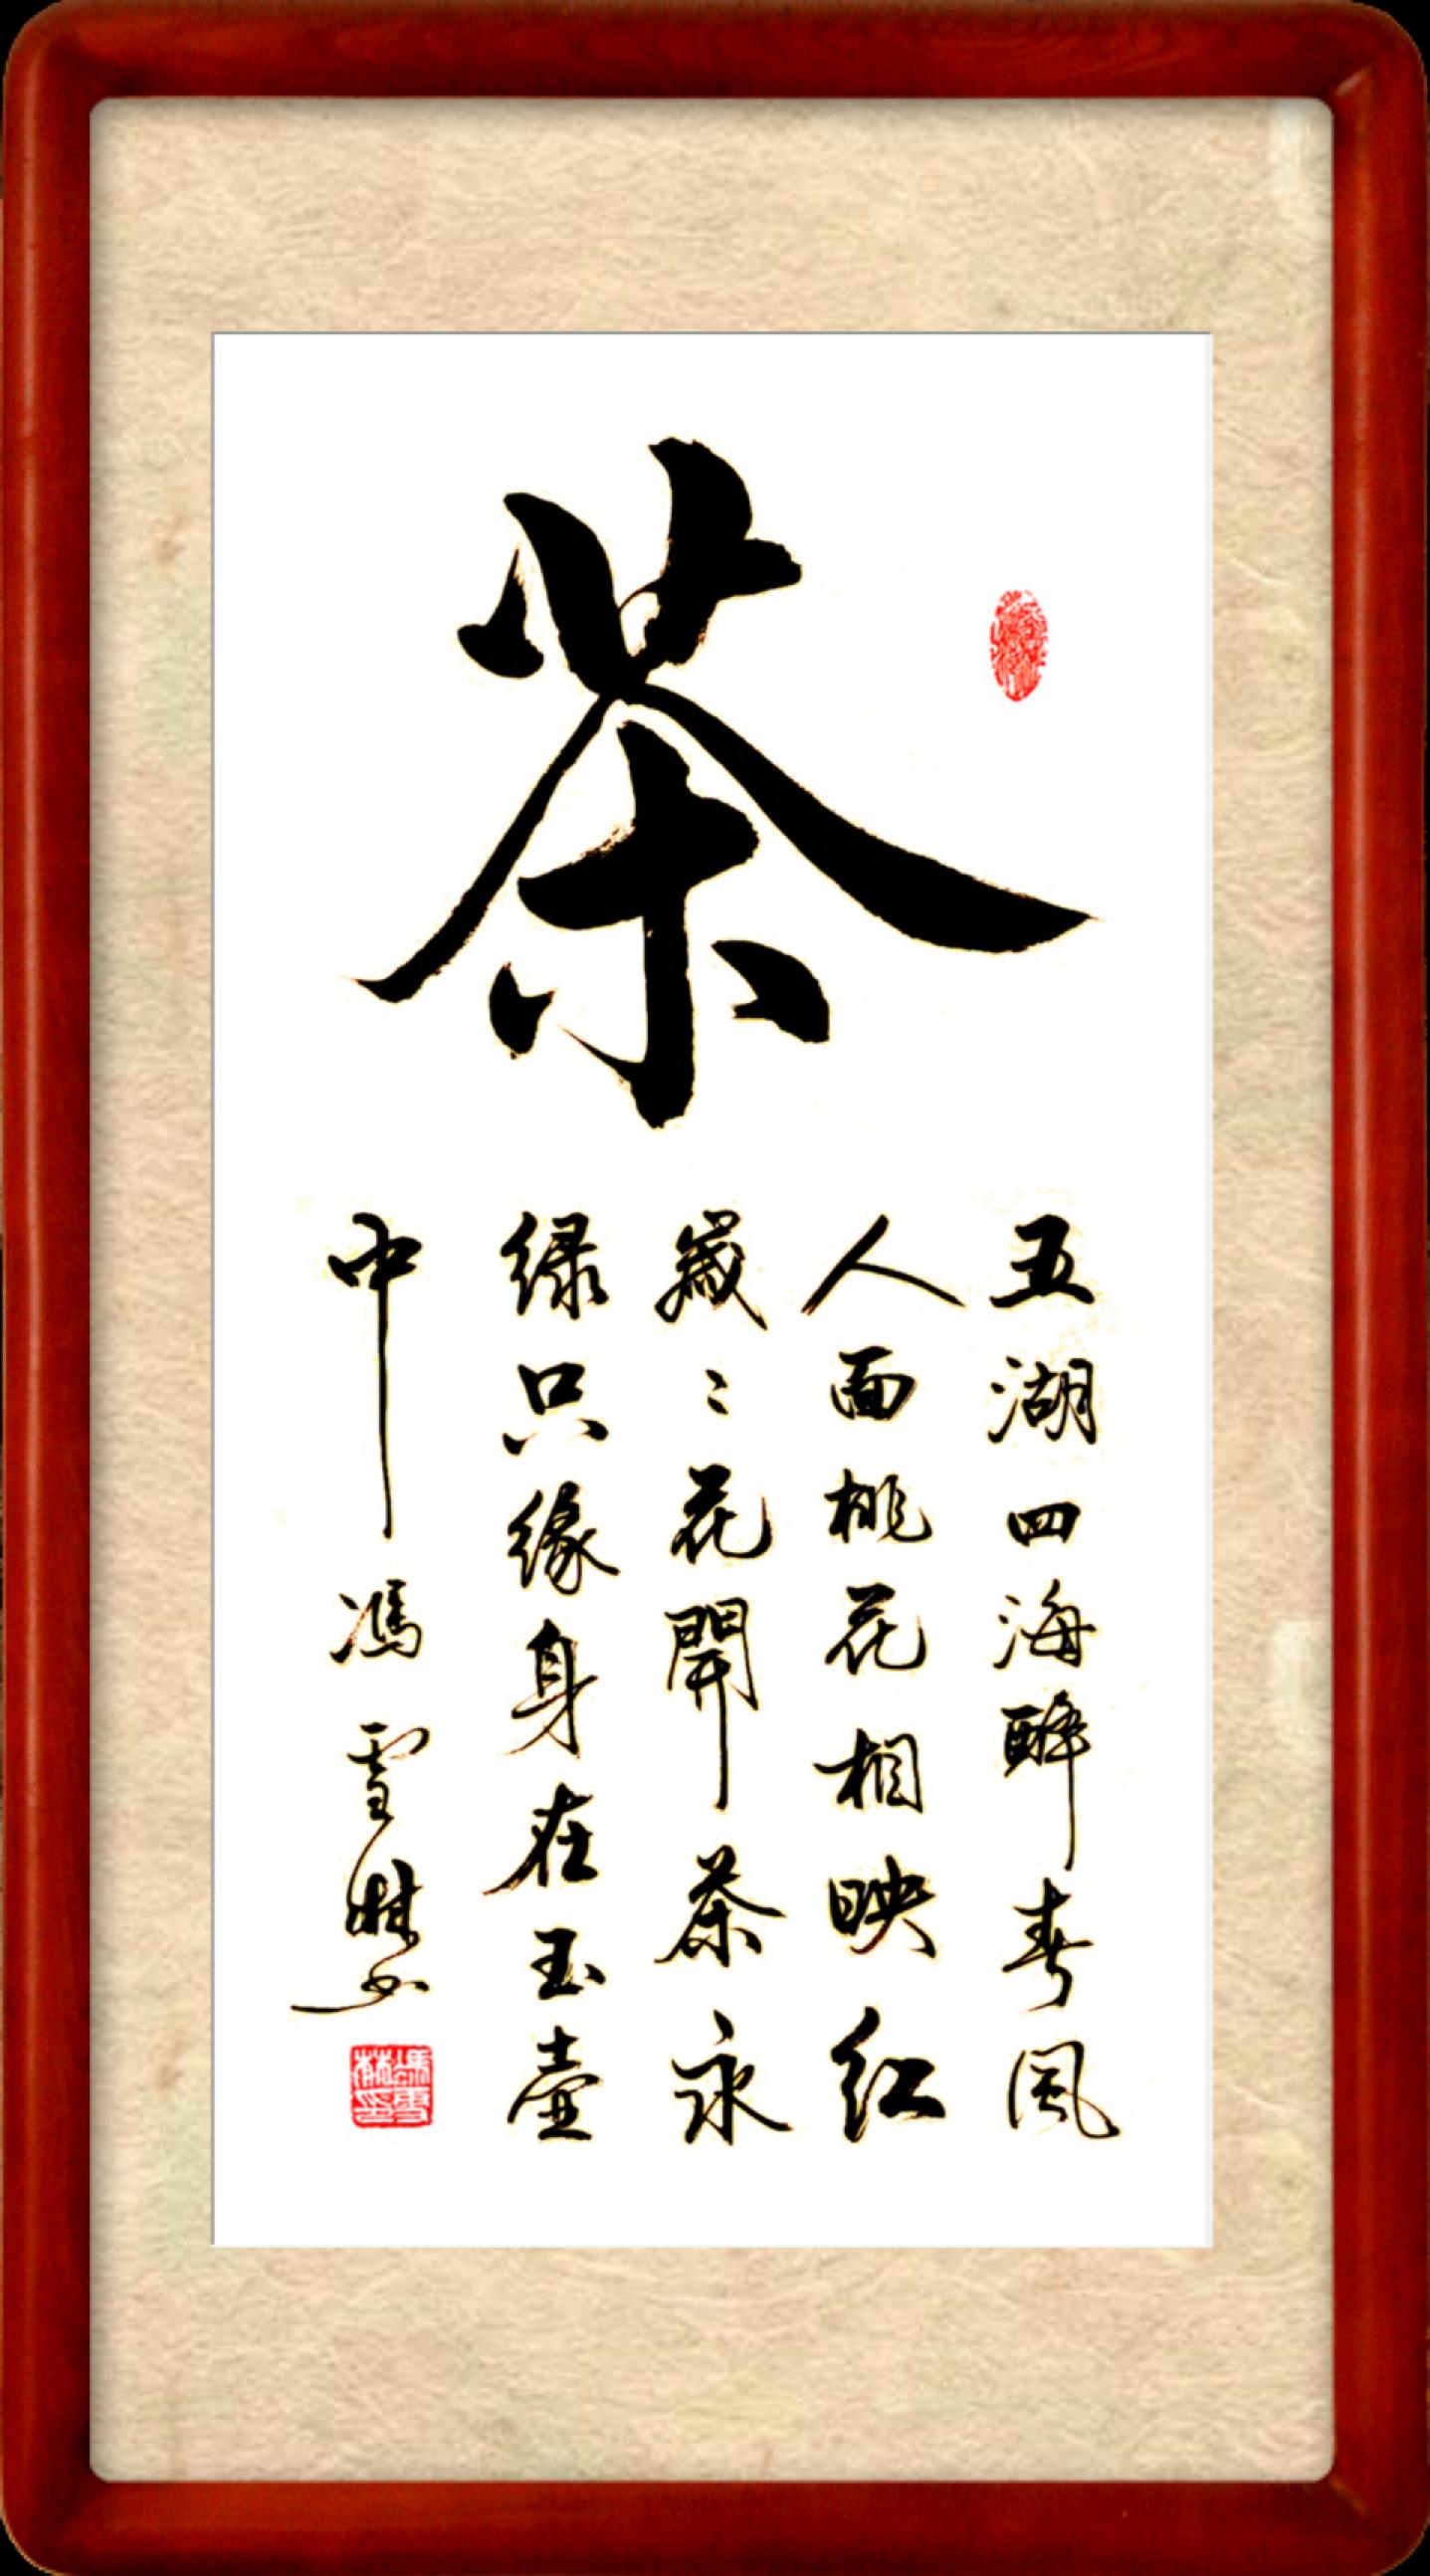 茶——五湖四海醉春风,人面桃花相映红。岁岁花开茶永绿,只缘身在玉壶中。书法作品欣赏